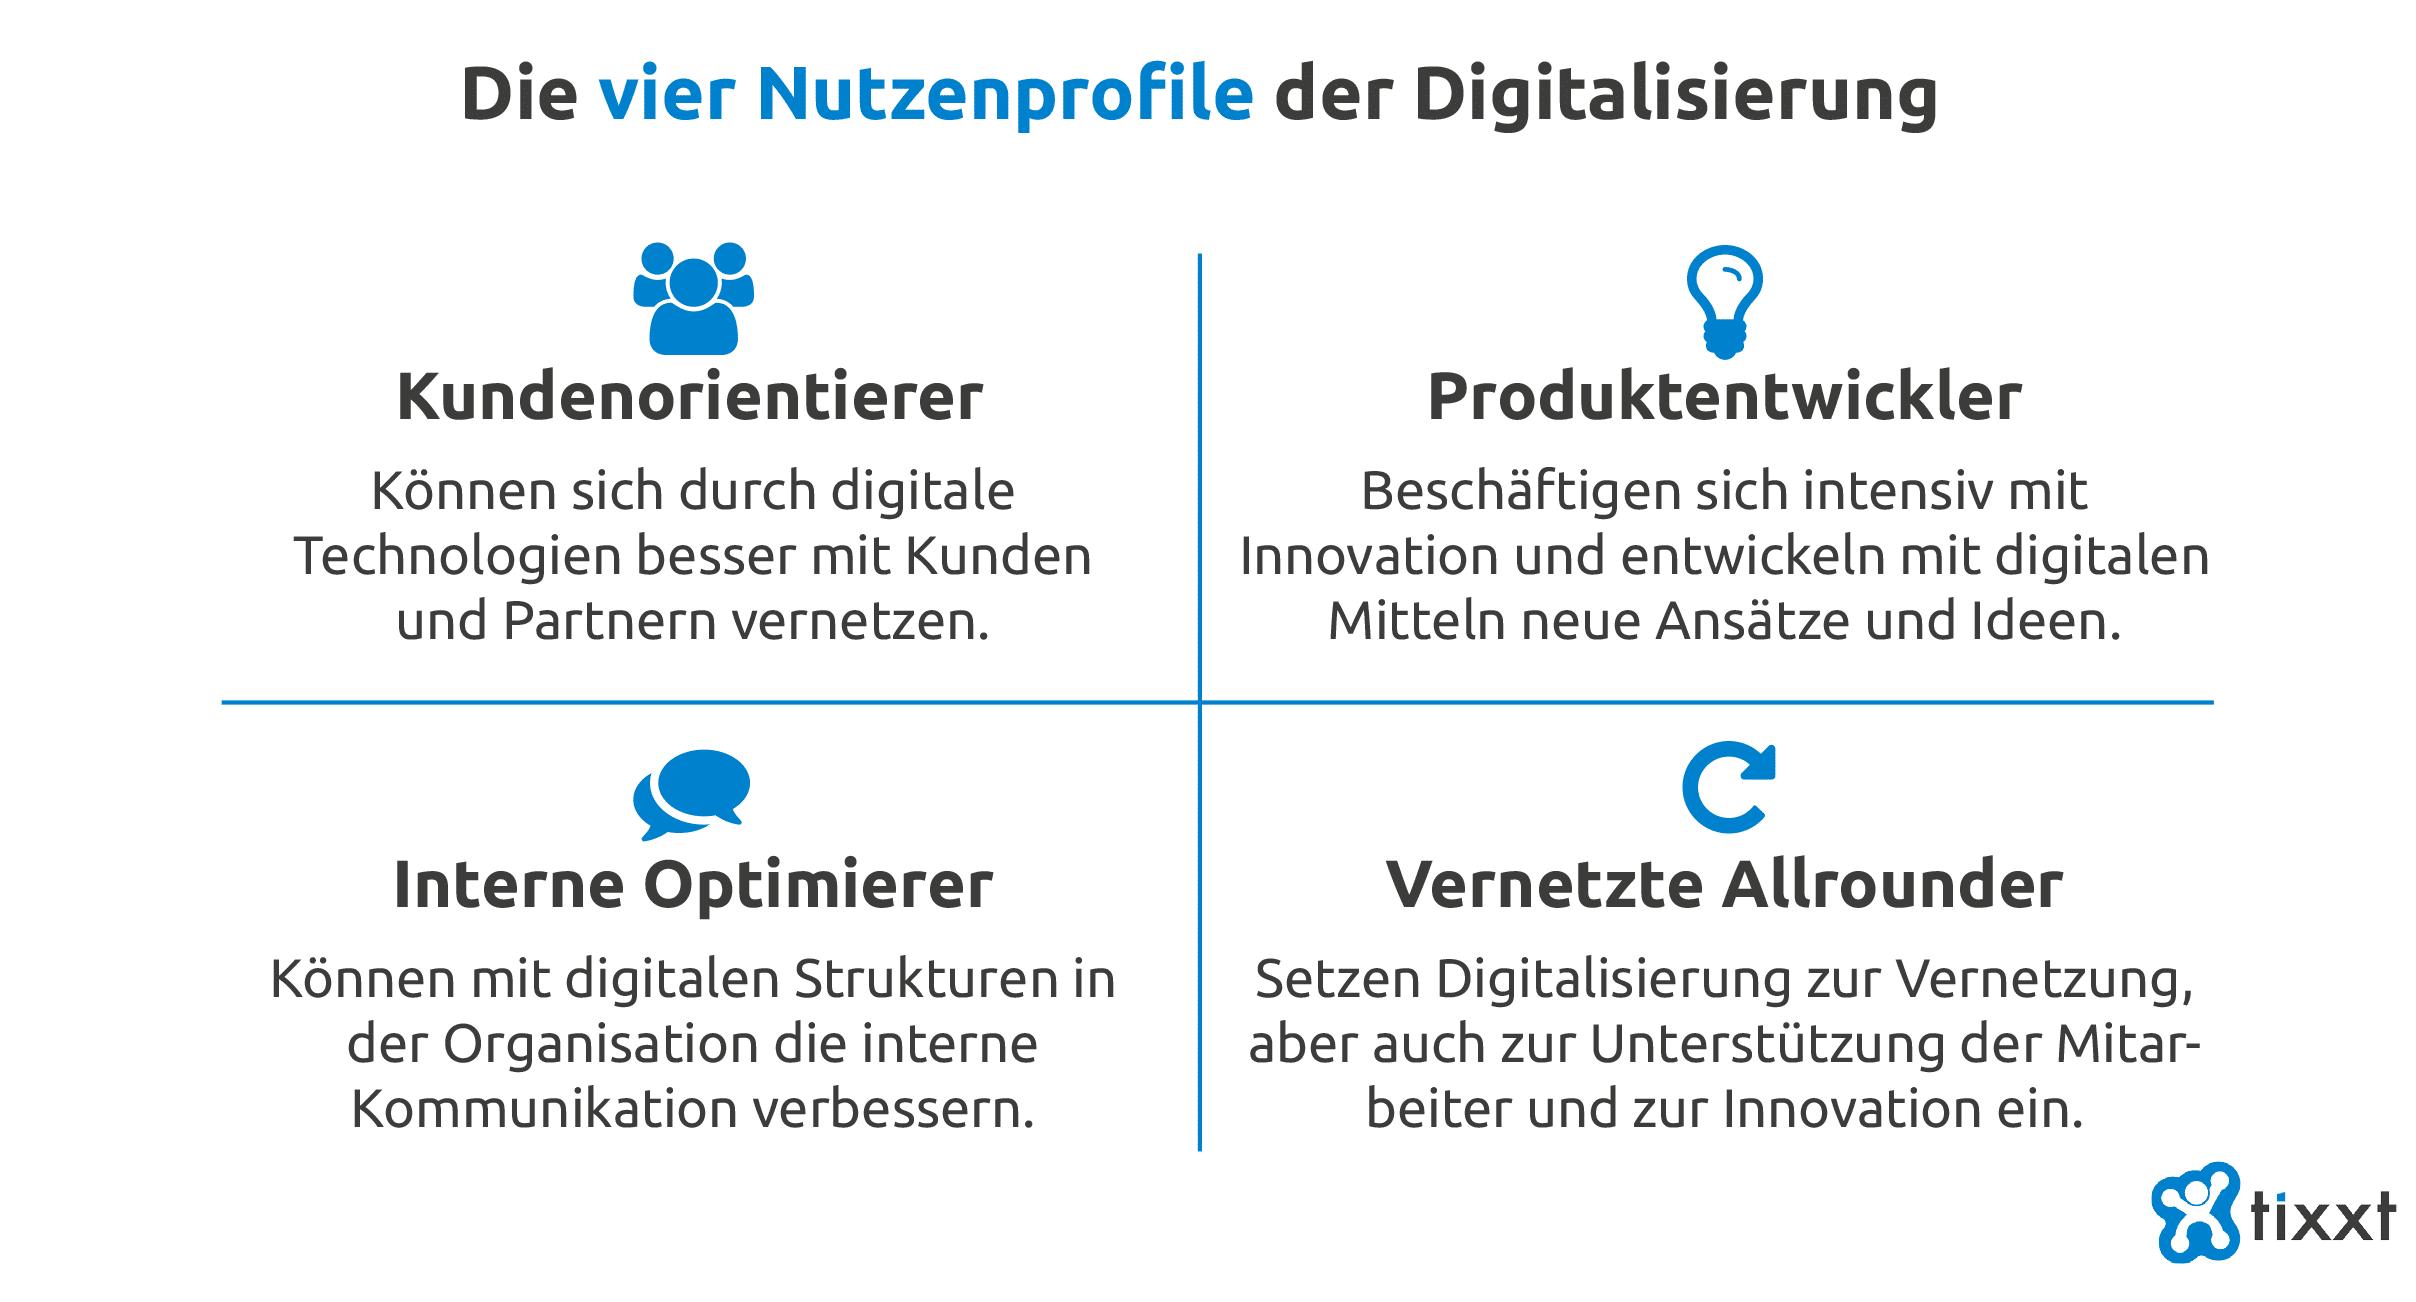 Die vier Nutzenprofile der Digitalisierung